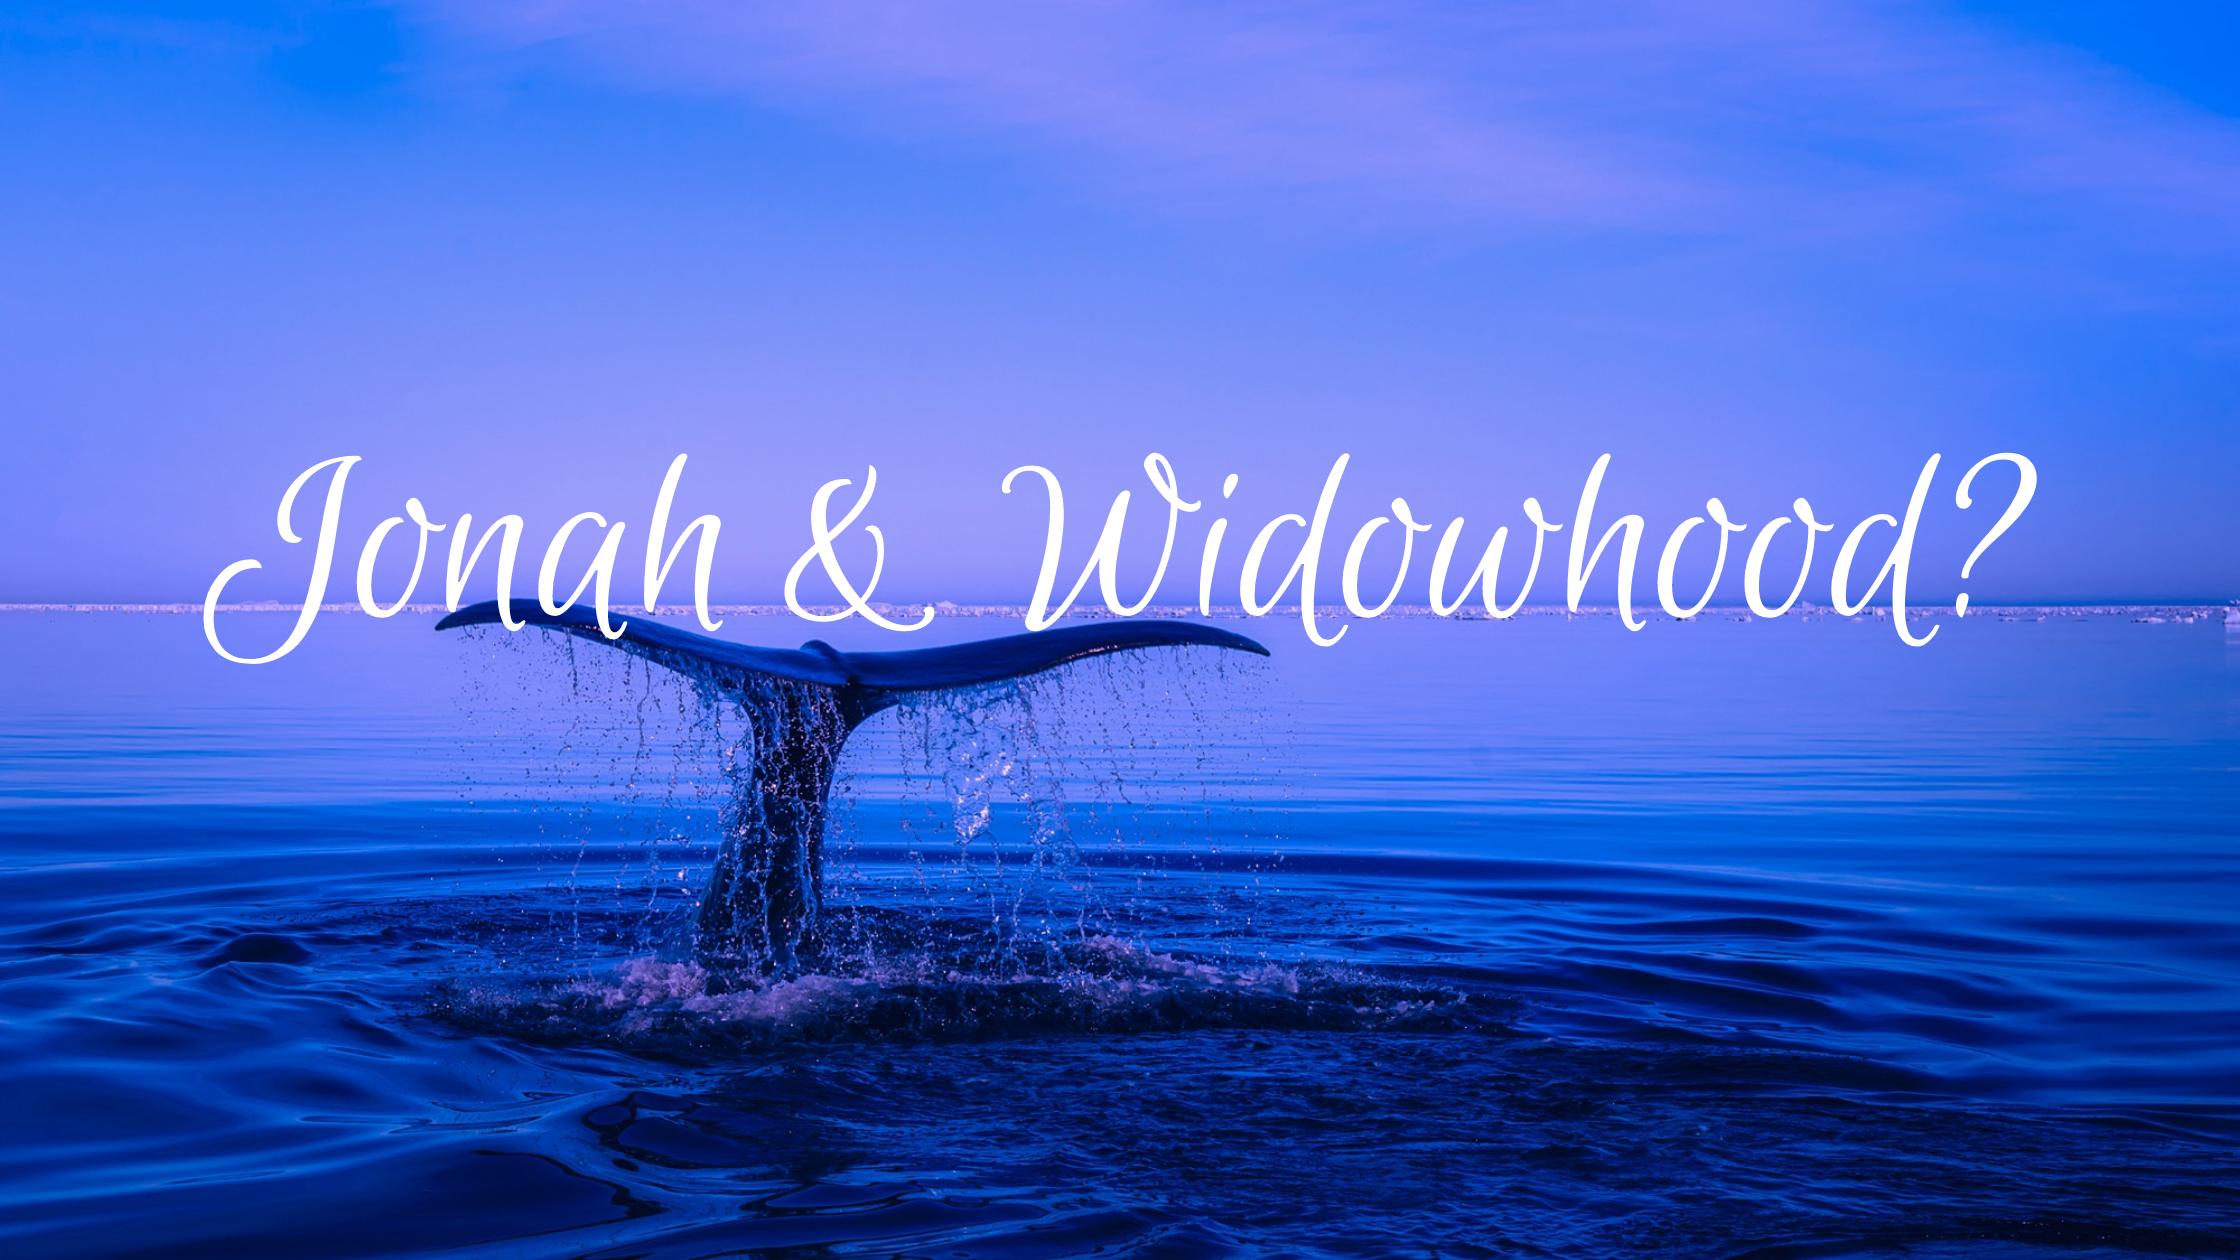 Jonah & Widowhood?